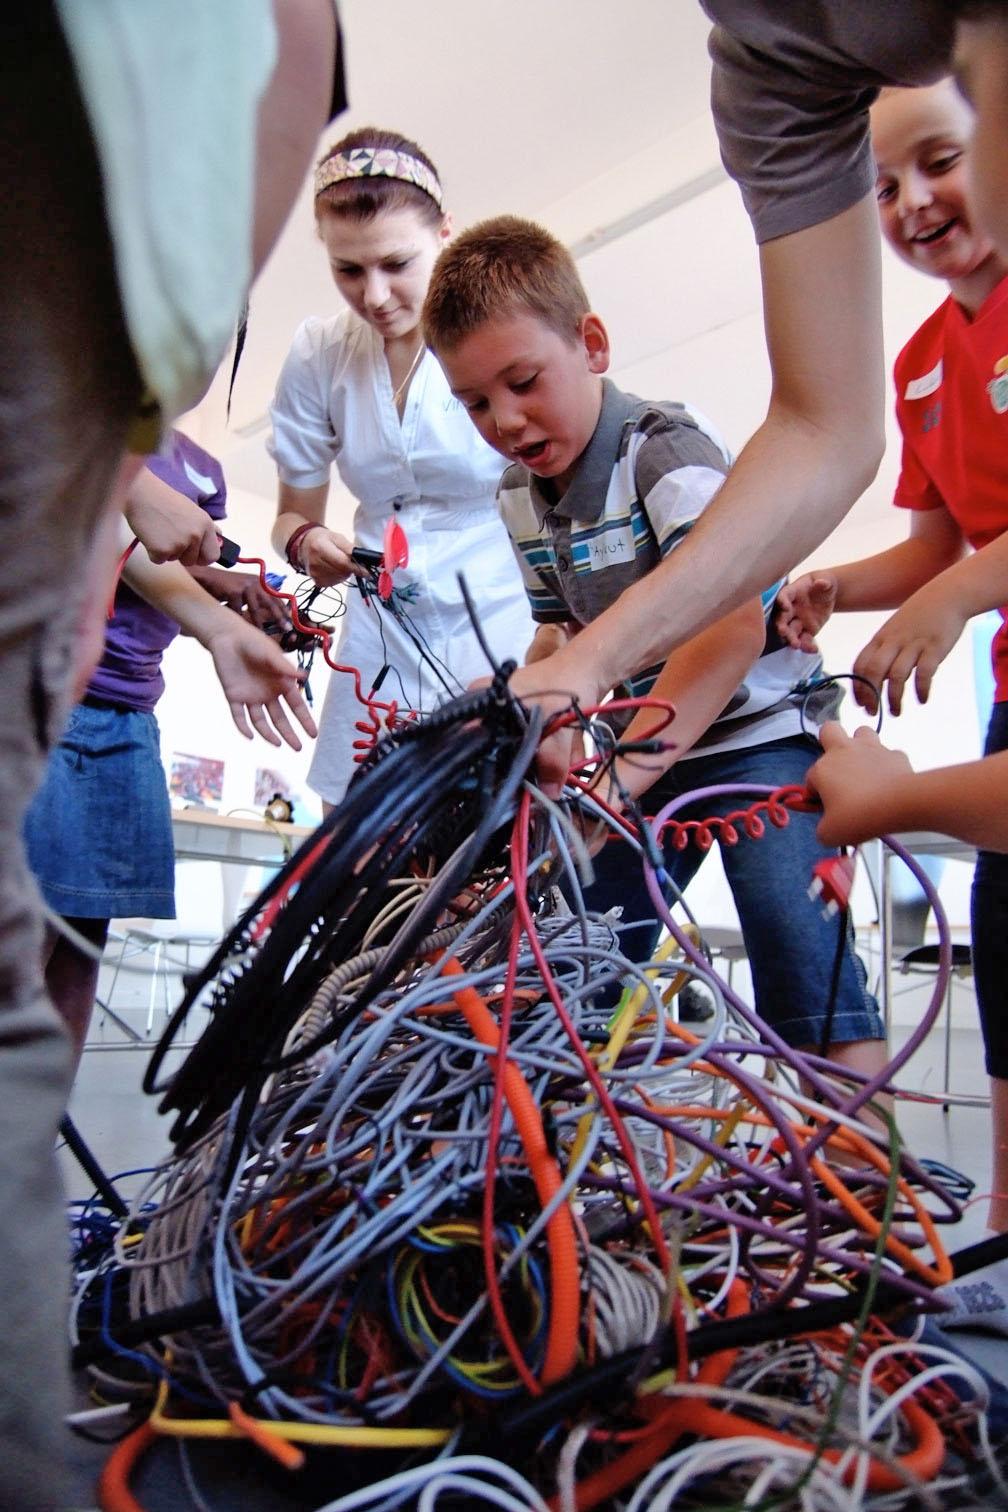 gerrit_schweiger-Rummel-2030-Zukunft-Kinder-Kreativität-Mode-Workshop-Modenschau-Ausstellung-12